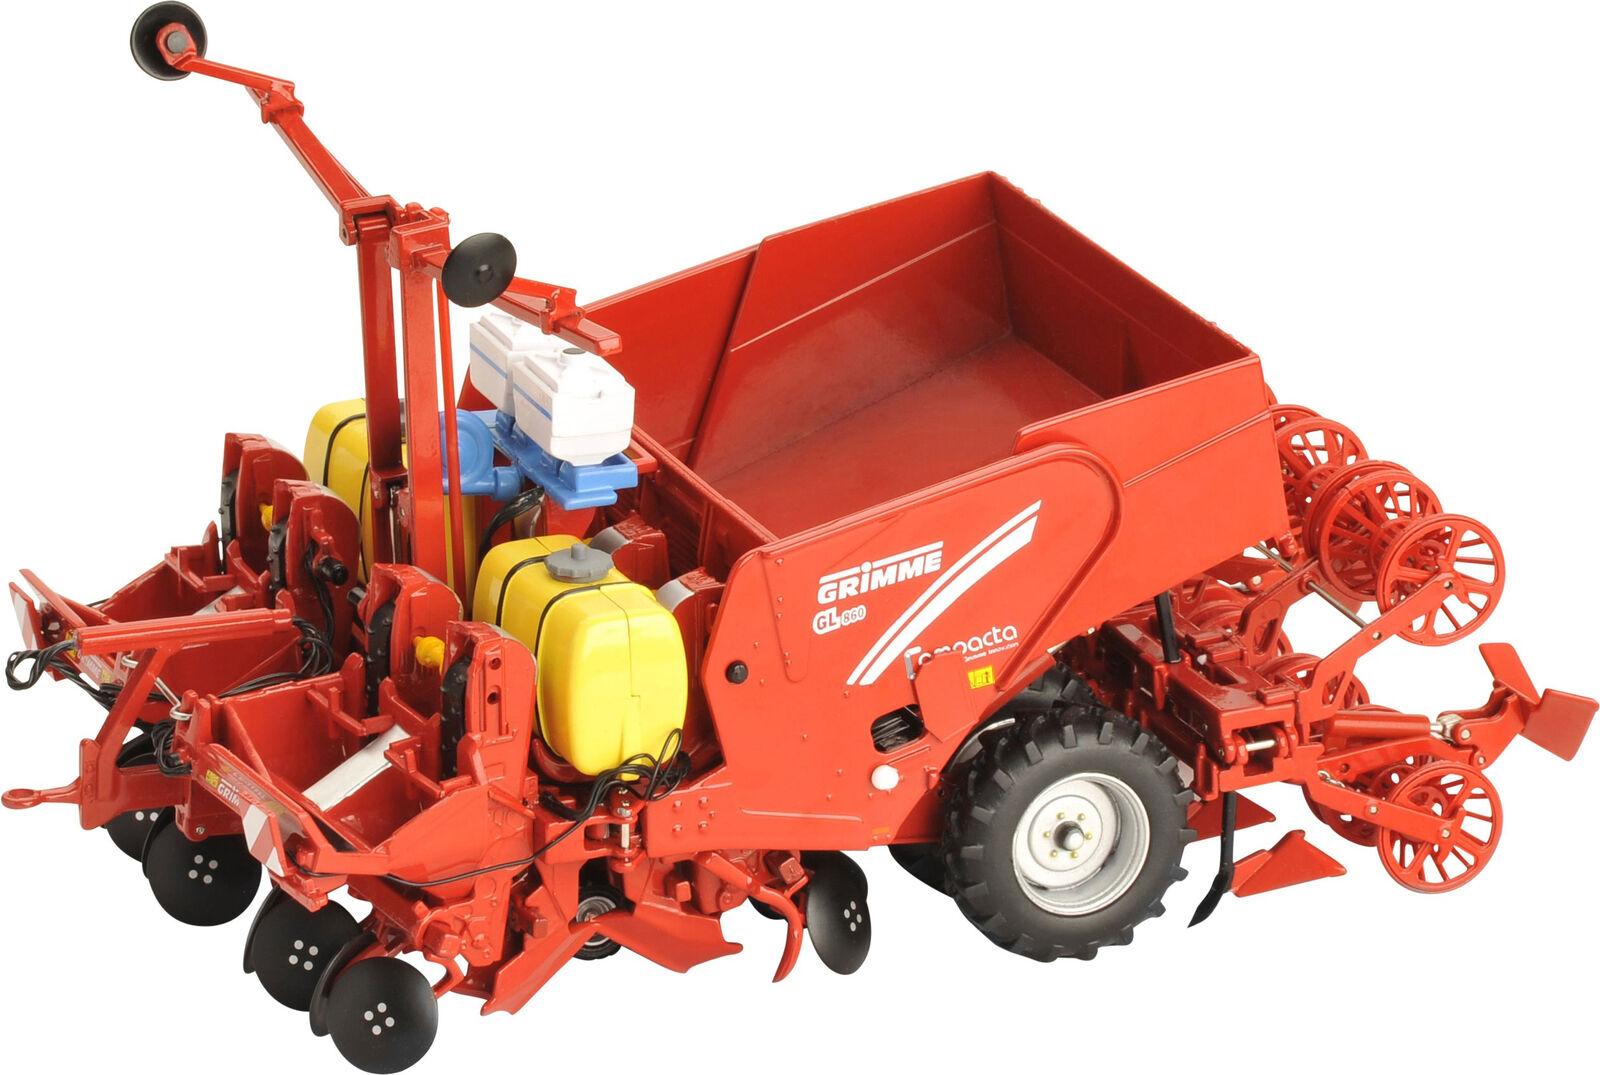 ROS60145 - GRIMME GL 860 planteuse à à à pomme de terre - 1 32 252927